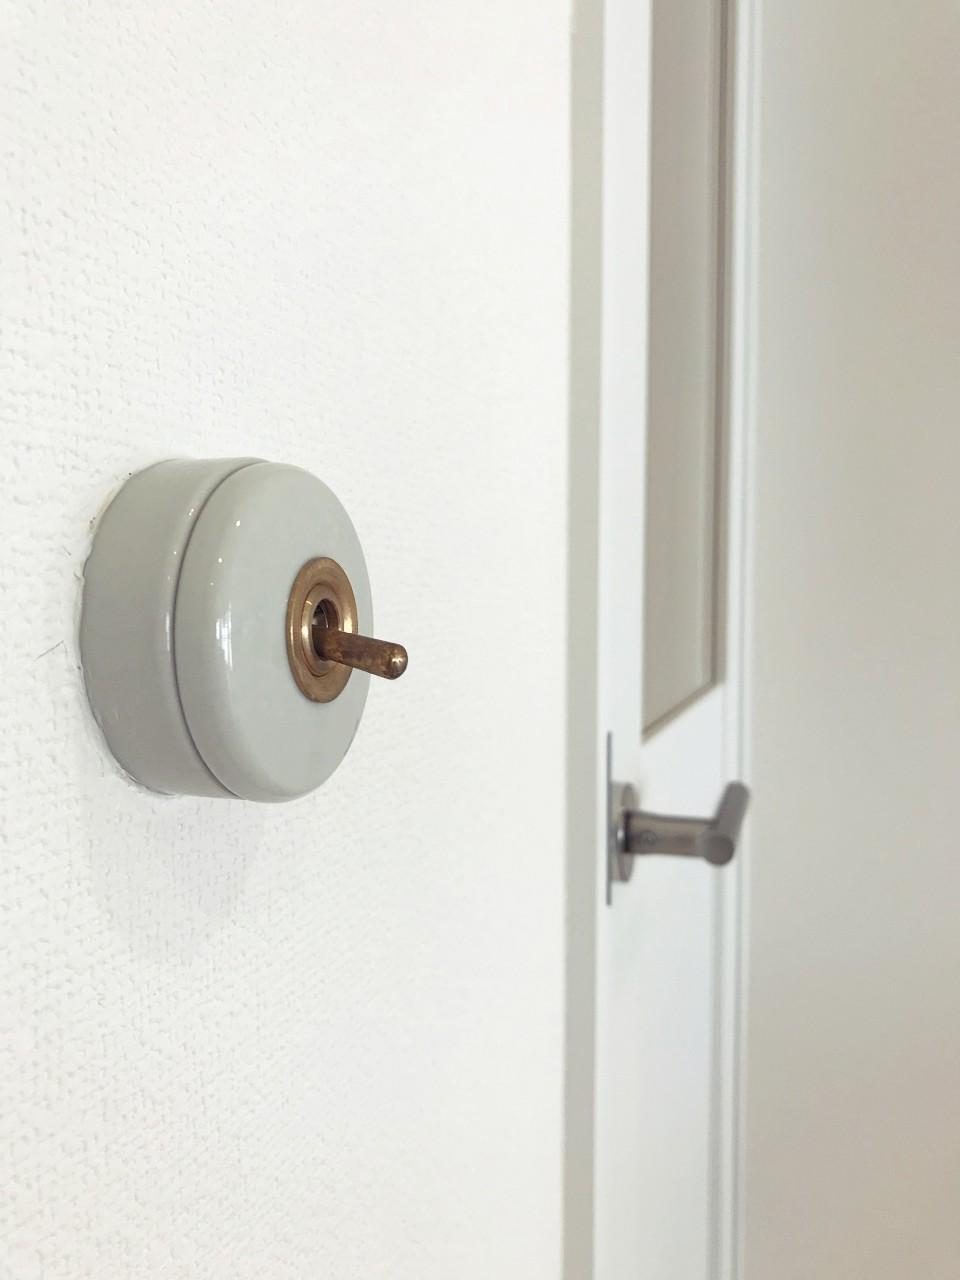 スイッチは磁器製のものを